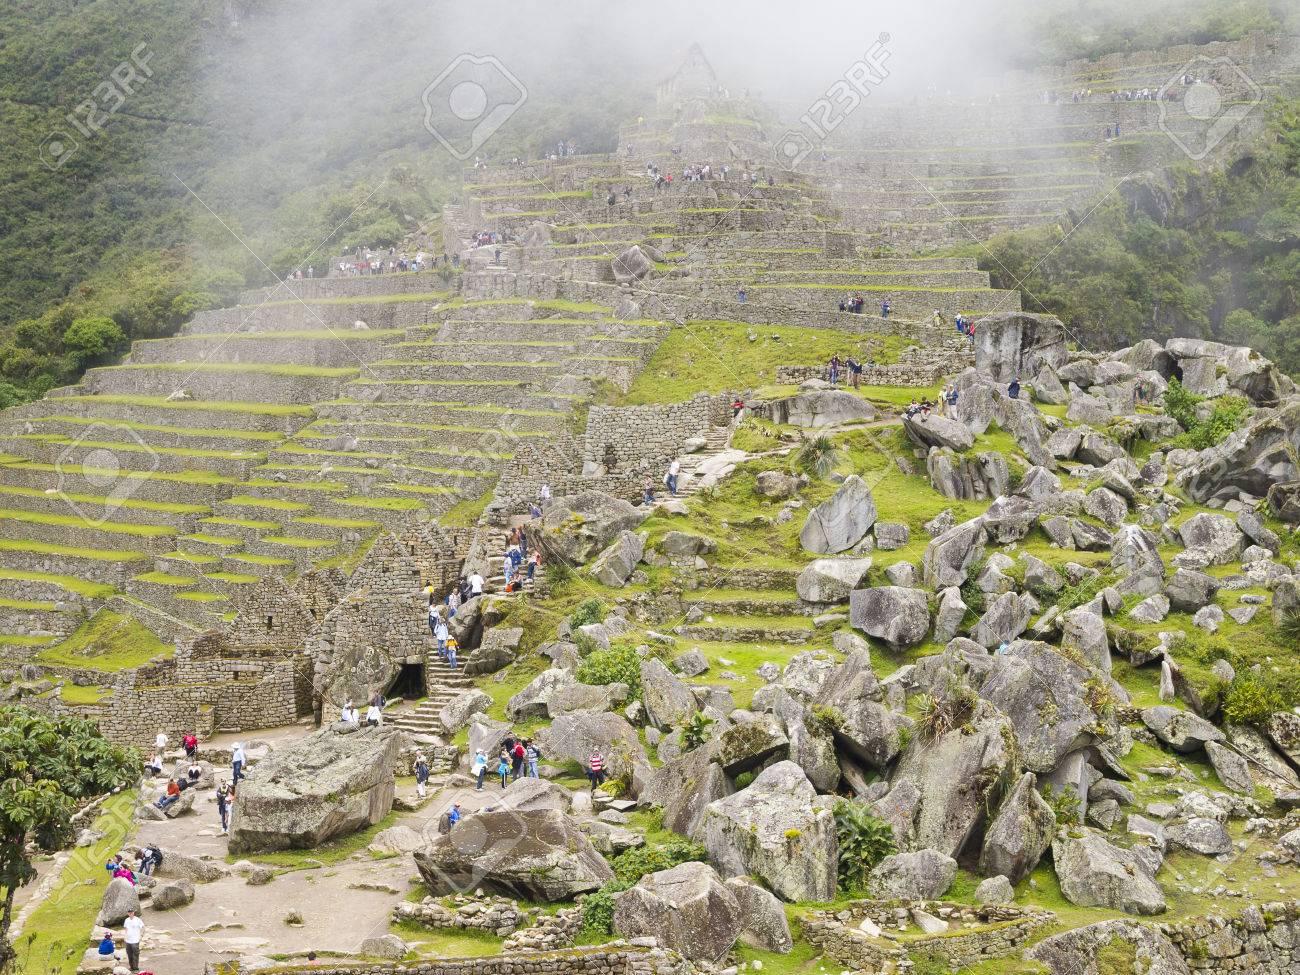 Machu Picchu Cusco Perú 15 De Marzo Los Turistas Visitan La Terraza De Cultivo En Un Pre Colombino Sitio Inca Del Siglo 15 De Machu Picchu Después